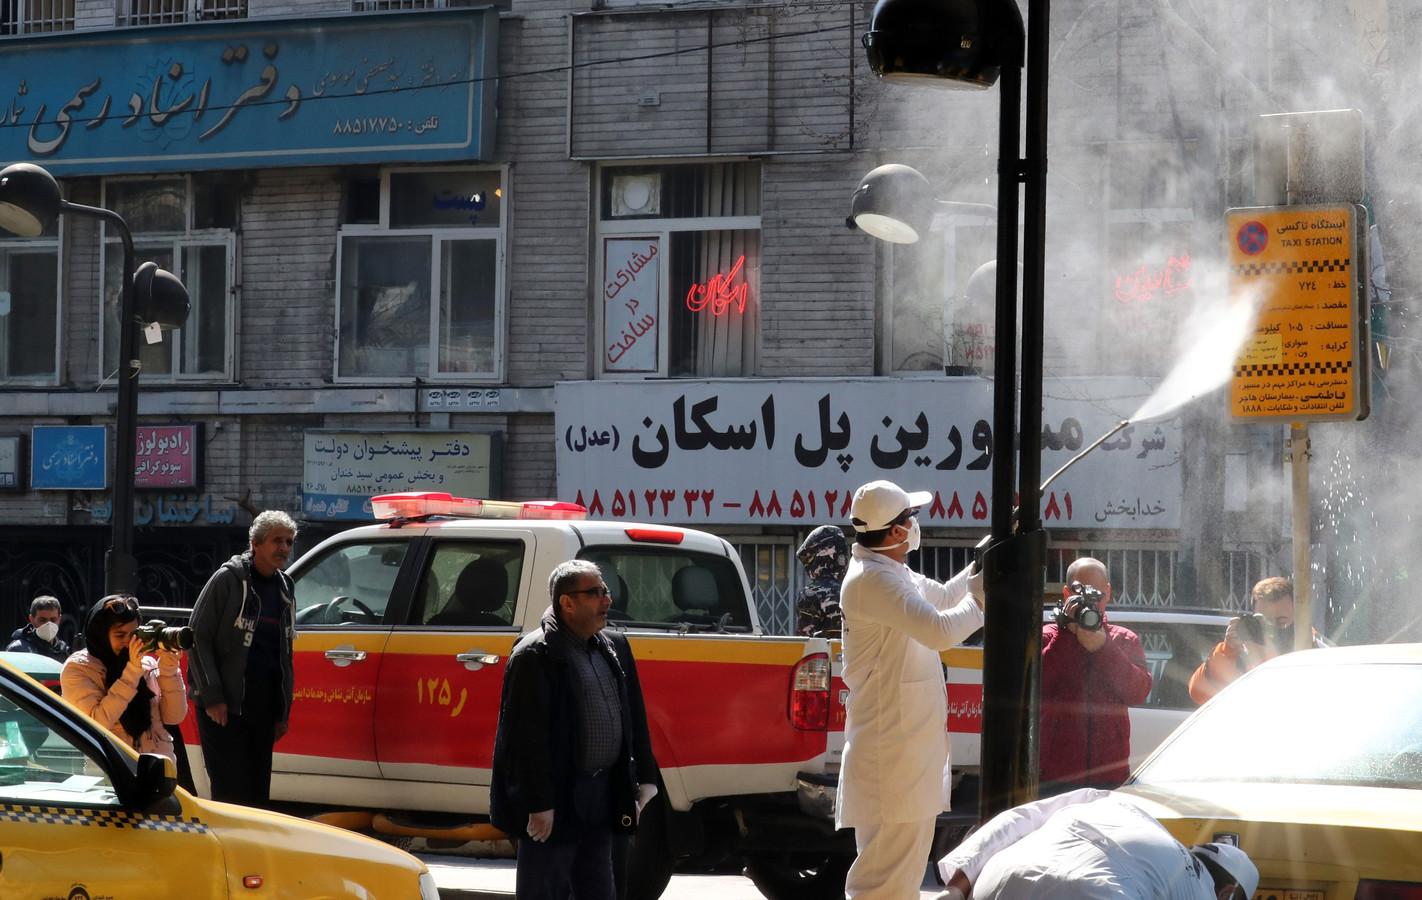 Een gemeentearbeider desinfecteert met een spuit een bord in het straatbeeld van Teheran. Volgens Iraanse artsen heeft de regering de uitbraak van het coronavirus ernstig onderschat.